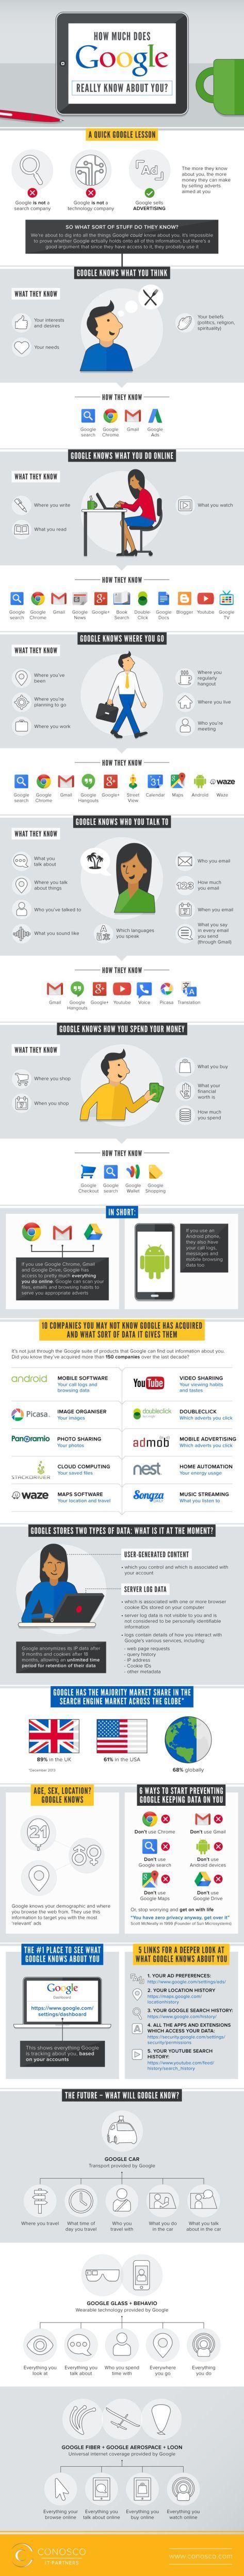 Infografik von www.digitalinformationworld.com: Was google über uns weiß.